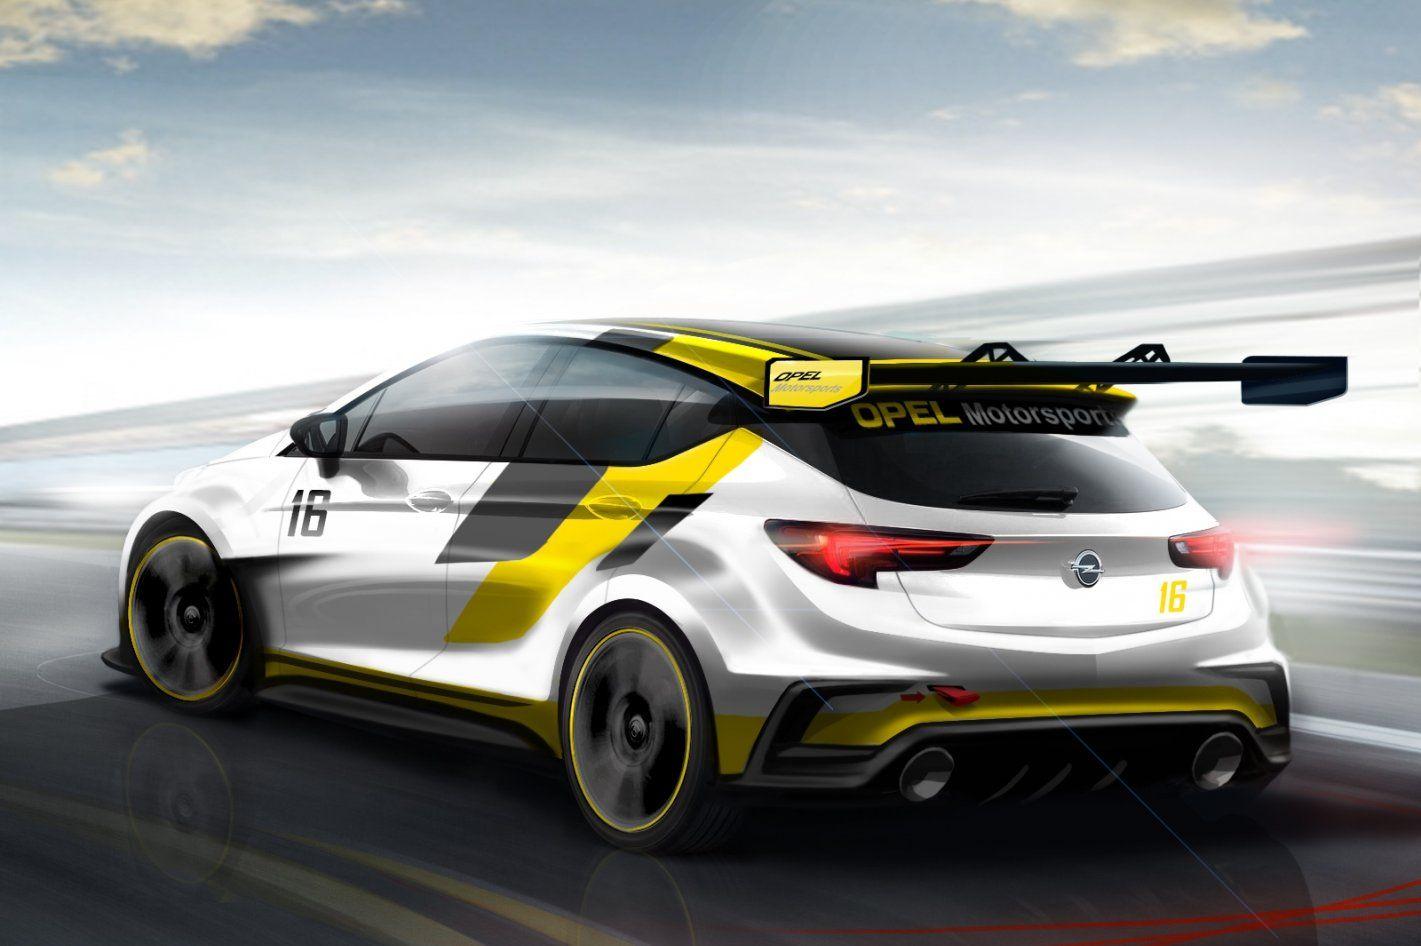 Opel ontwikkelt nu al raceversie van nieuwe Astra